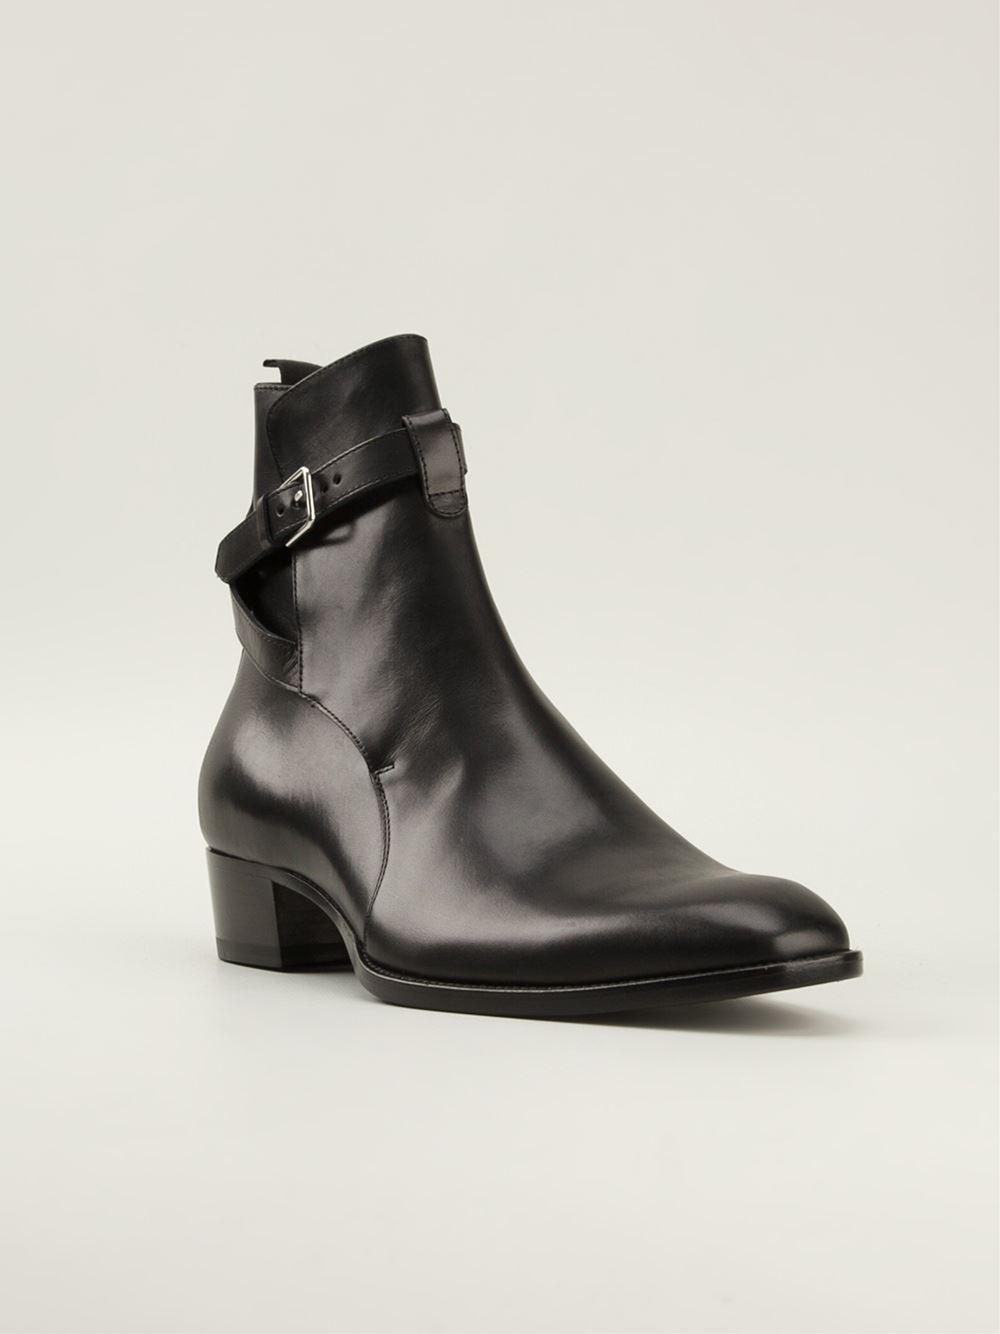 Saint Laurent  jodhpur  Ankle Boots in Black for Men - Lyst dc4d25444170